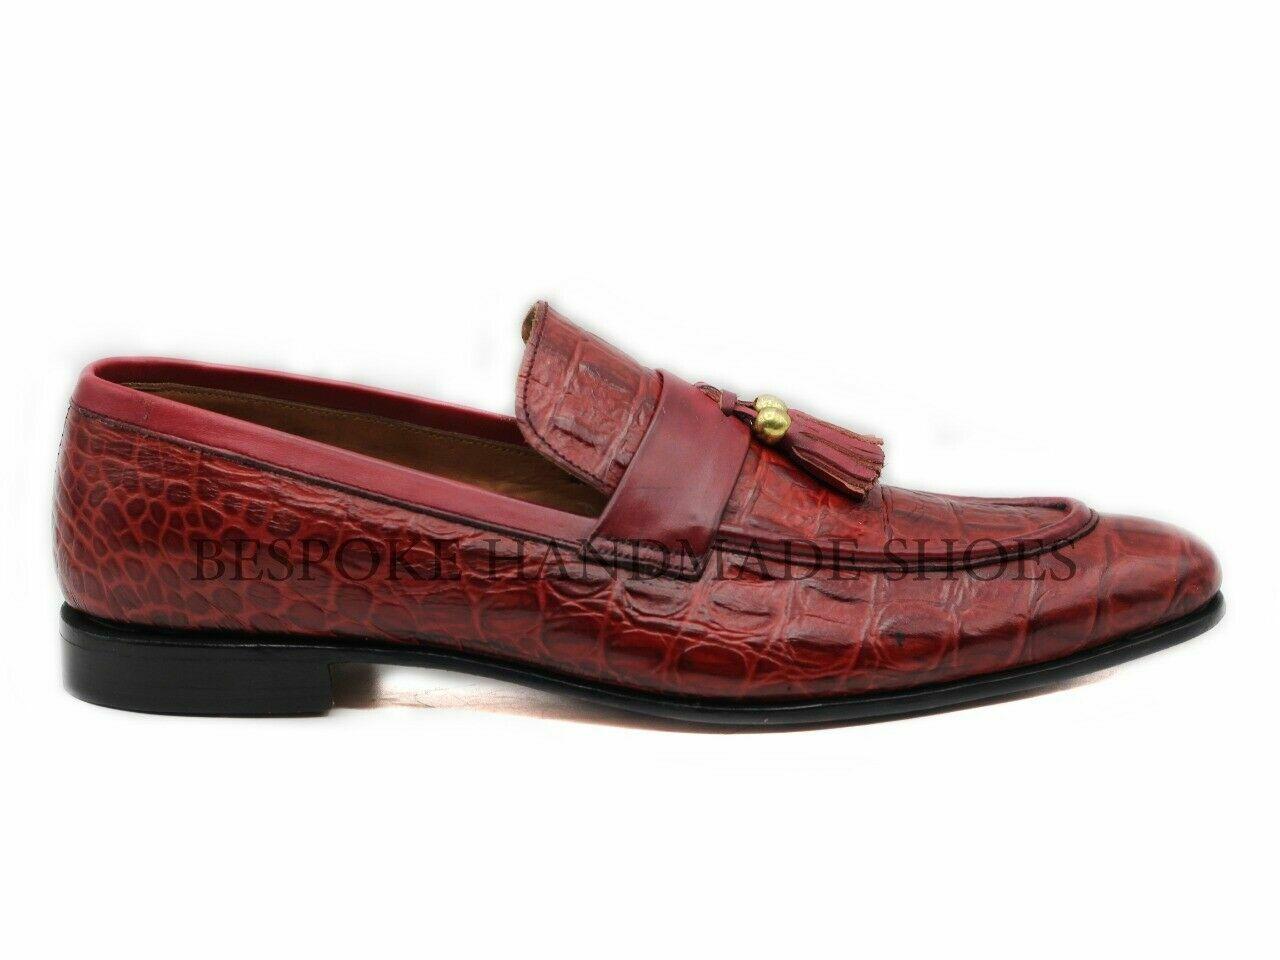 Hecho a mano para hombres Cuero Genuino Rojo Ternegro Impresión De Cocodrilo resbalón en el zapato flecos